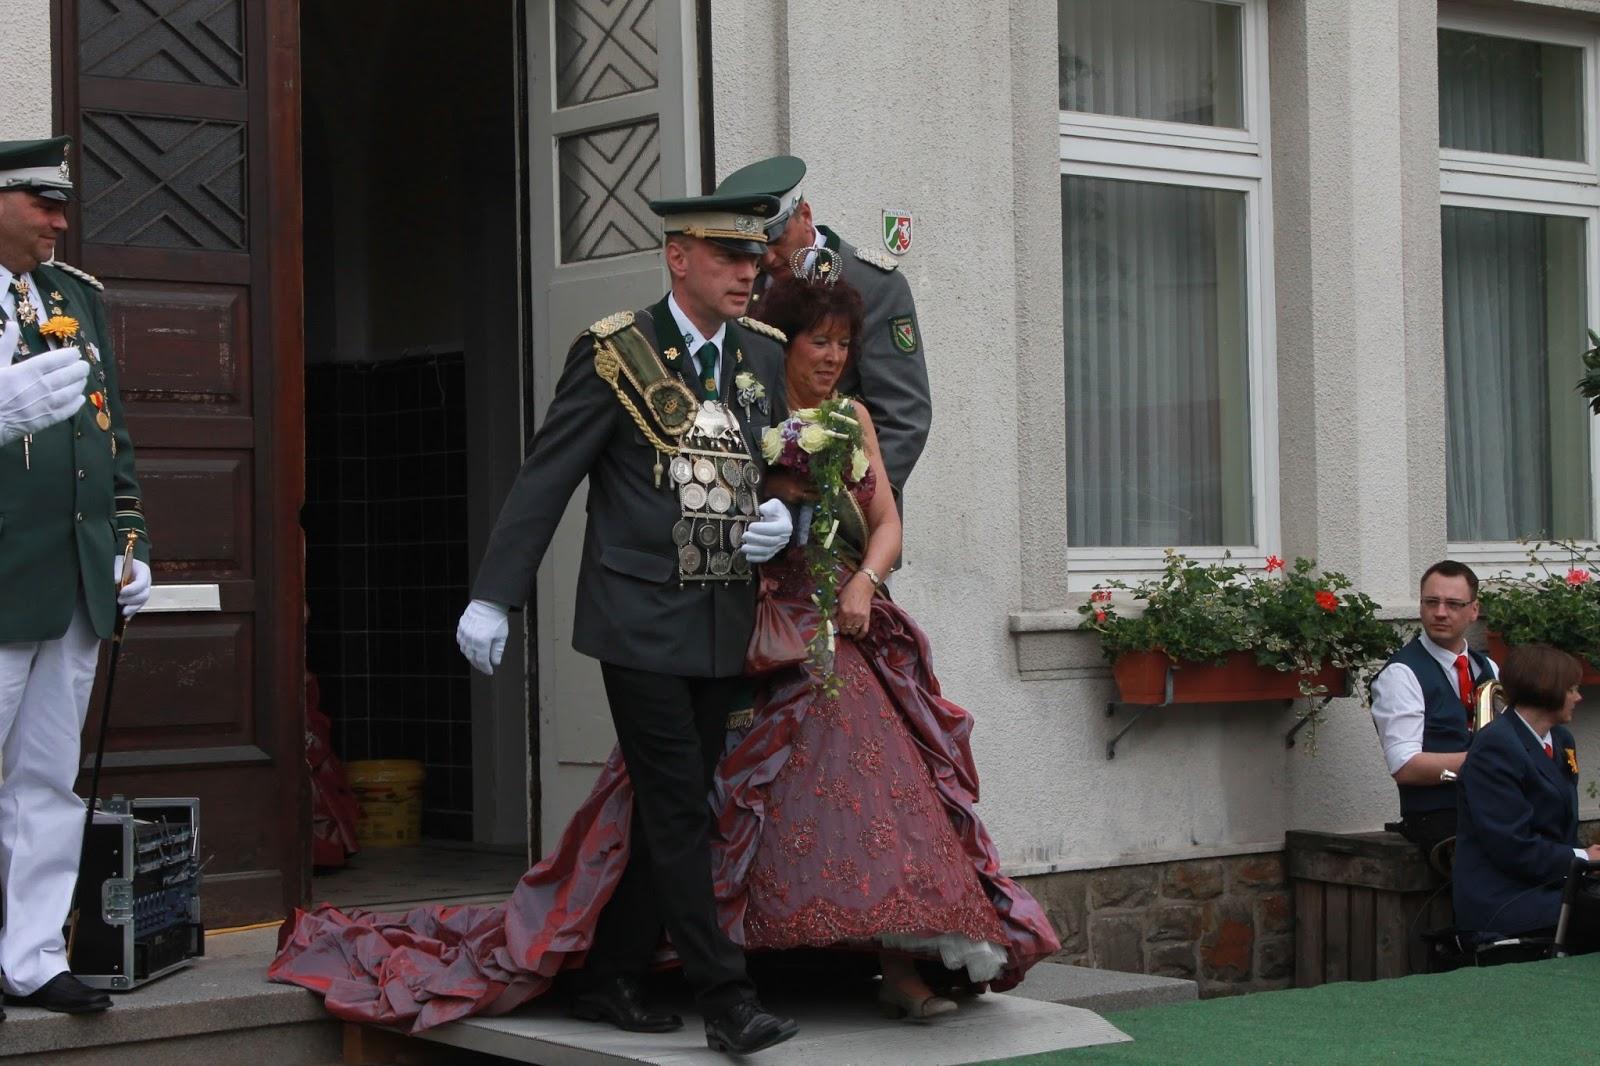 Königspaar aus dem Rathaus